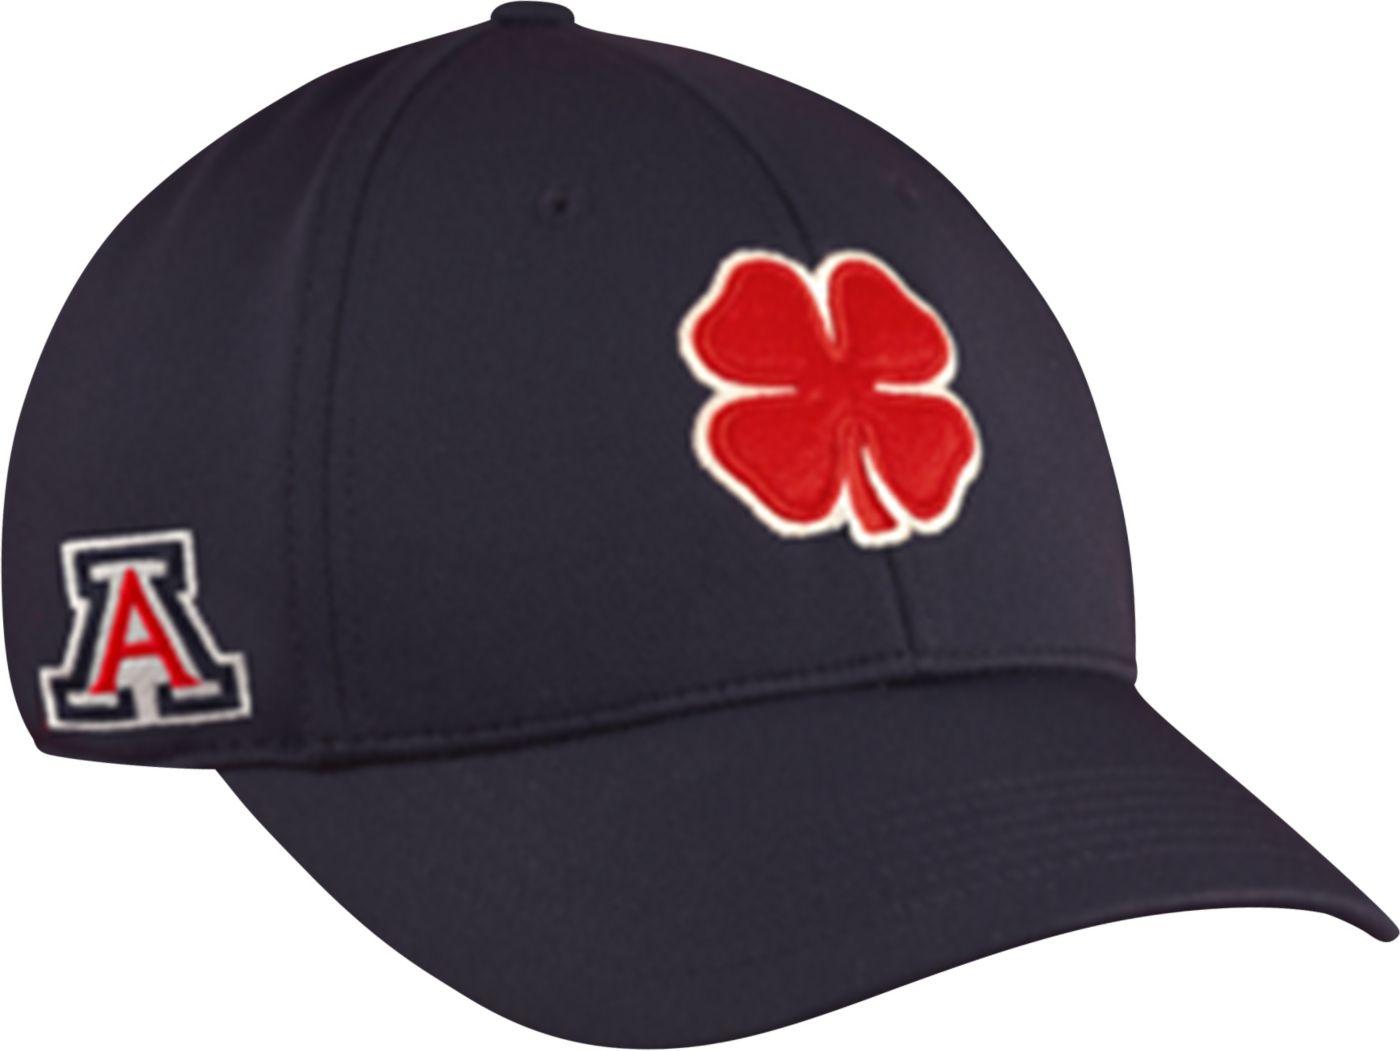 Black Clover Arizona Wildcats Collegiate Premium Hat